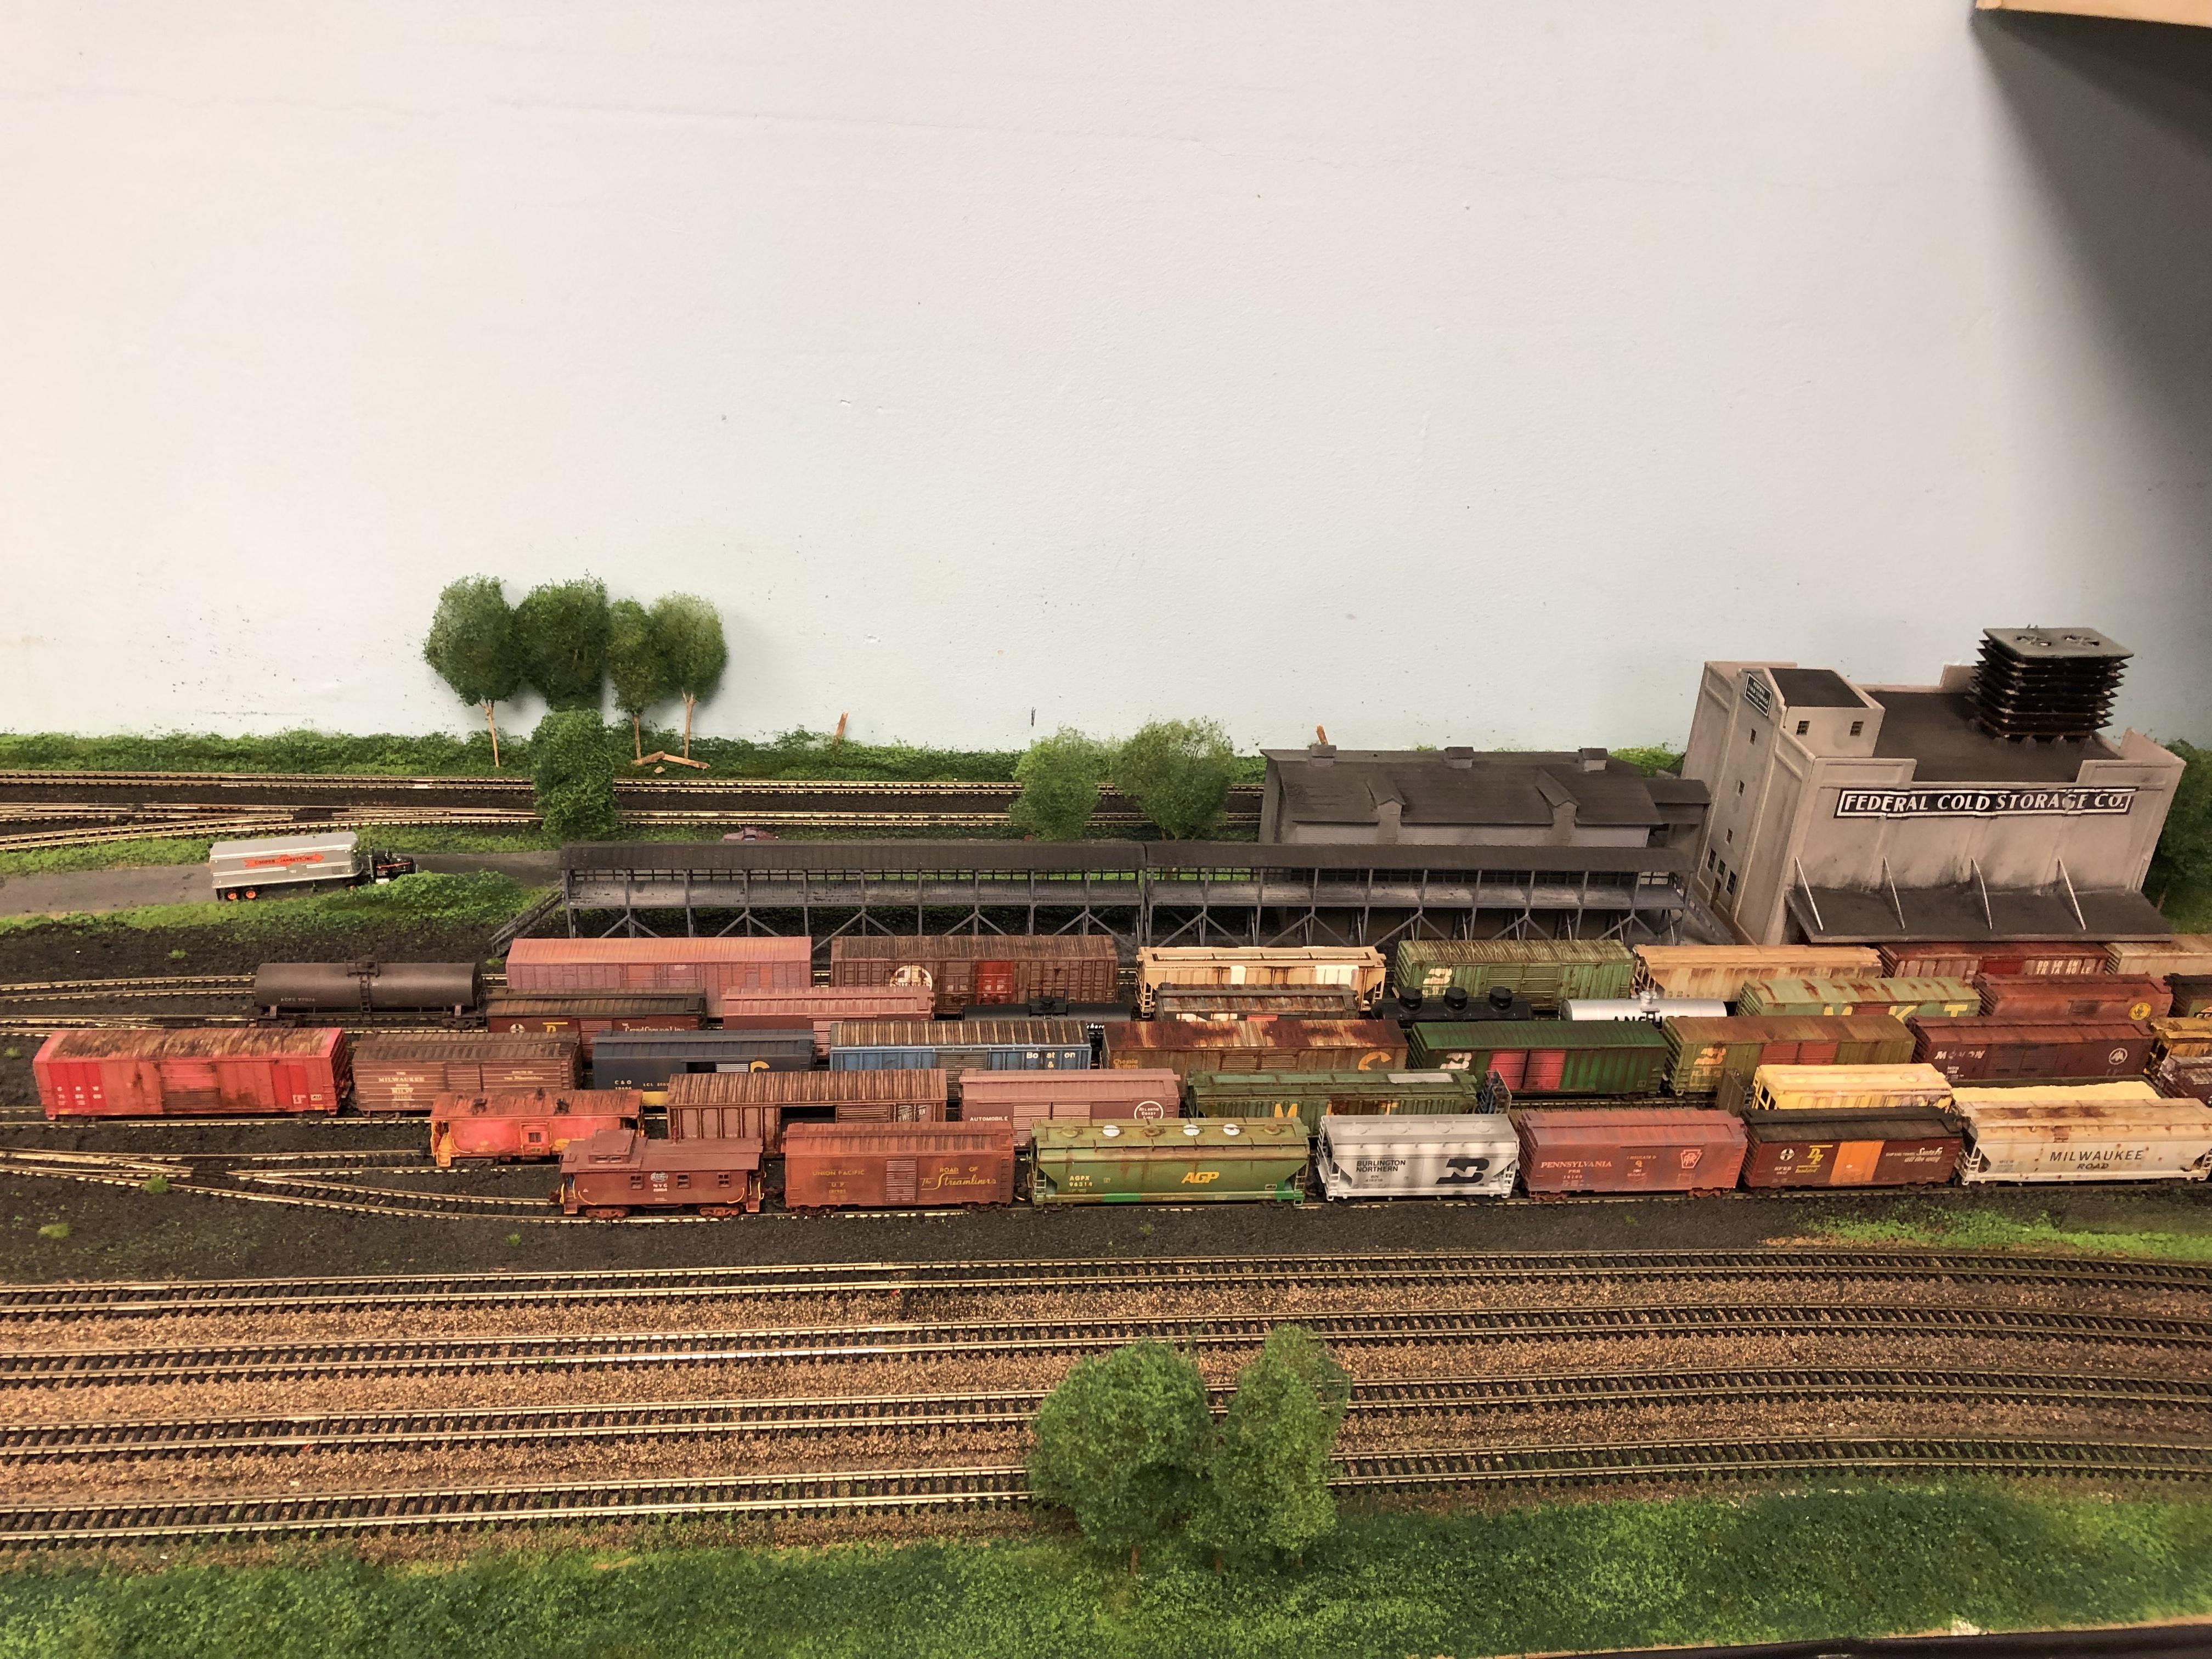 West Pasco Model Railroad Association N Scale Yard in Fargo